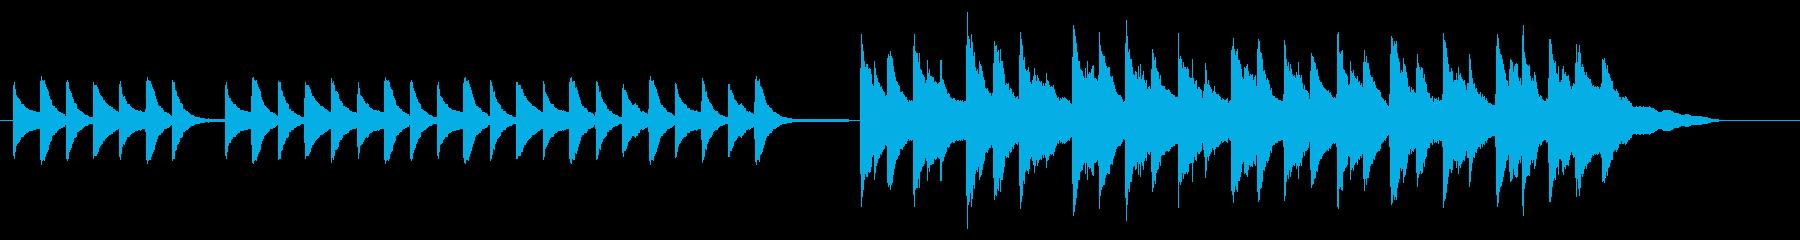 青春映画の微妙な距離感を表現したピアノ曲の再生済みの波形